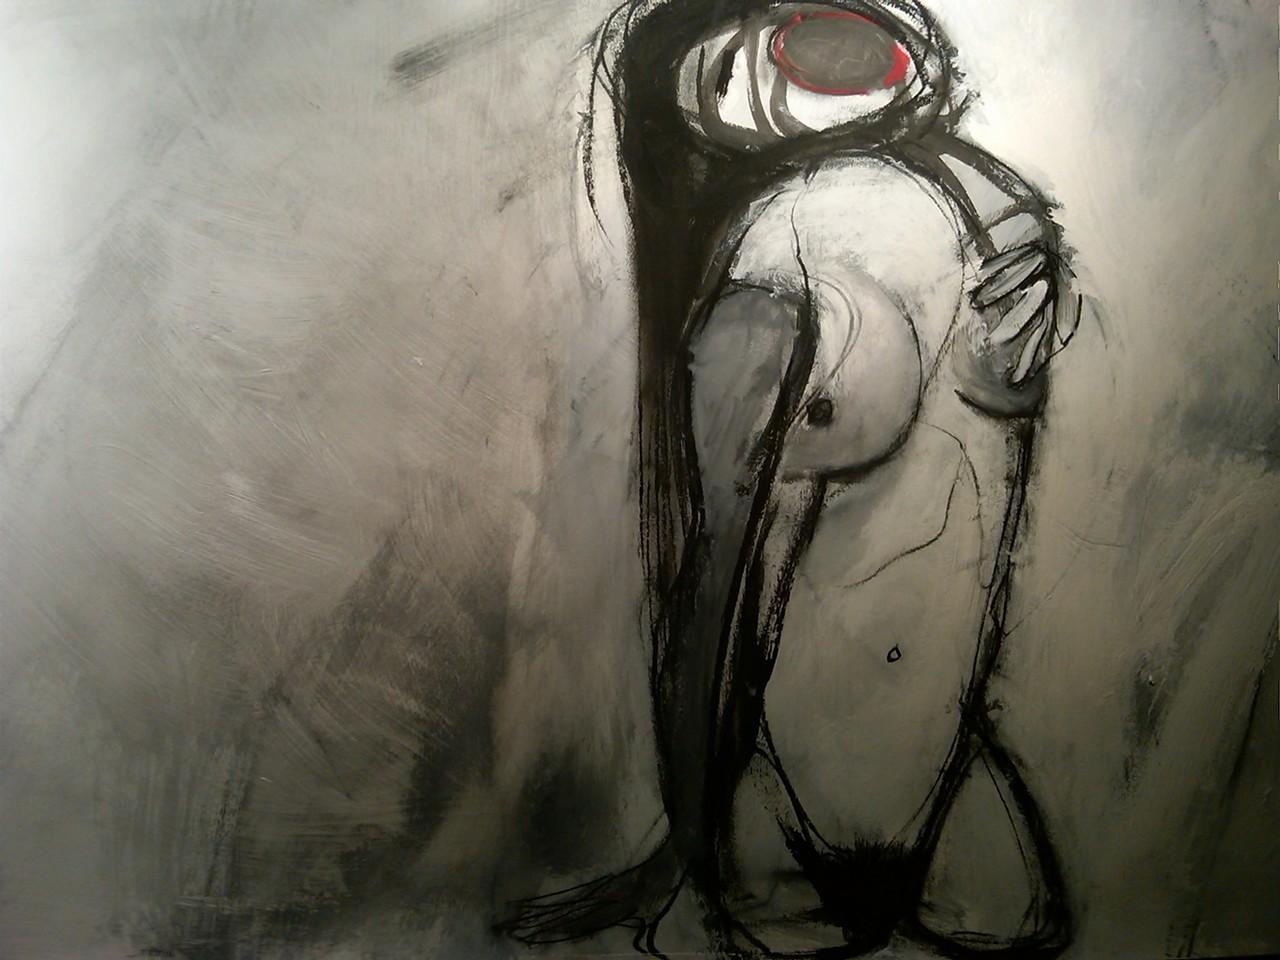 Bare art